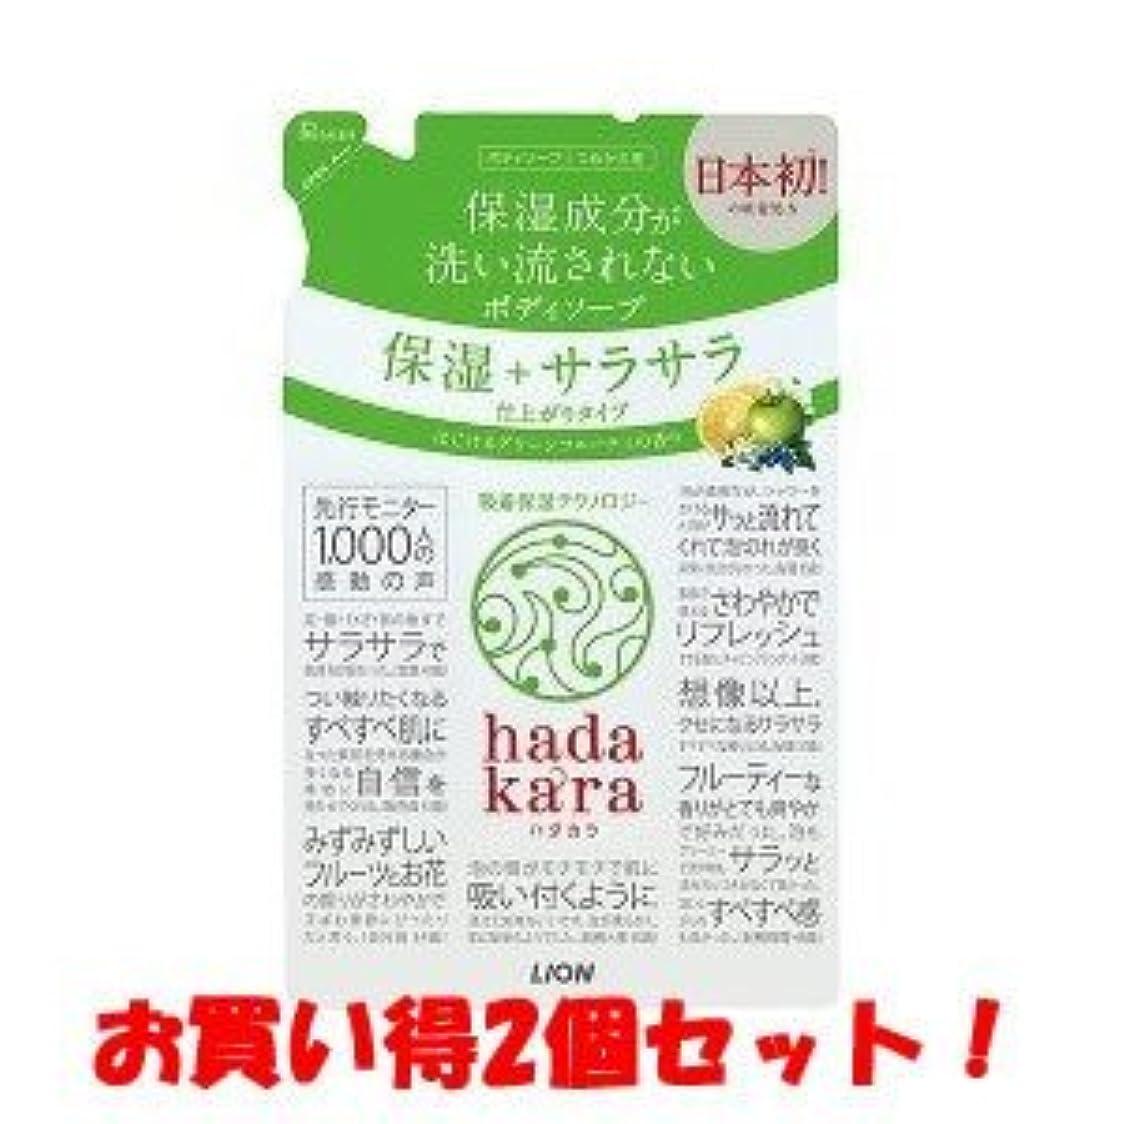 被害者戸惑うに付ける(2017年新商品)(ライオン)hadakara(ハダカラ) ボディソープ 保湿+サラサラ仕上がりタイプ グリーンフルーティの香り つめかえ用 340ml(お買い得2個セット)